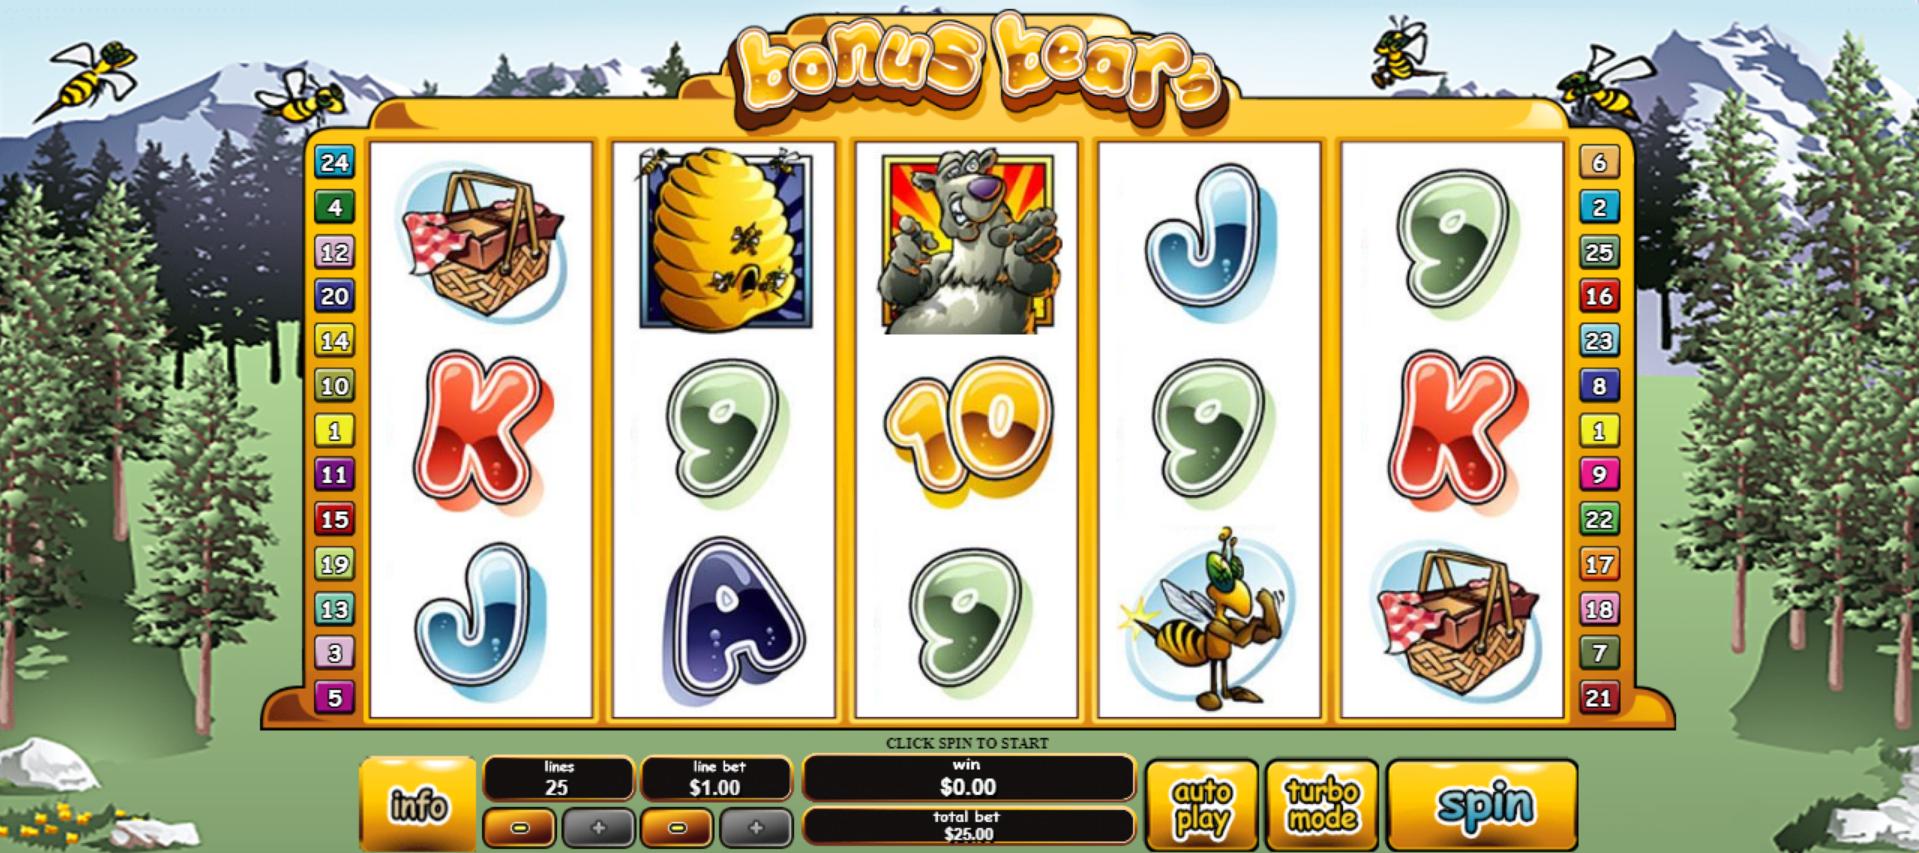 Bonus Bears Slot Online (2)